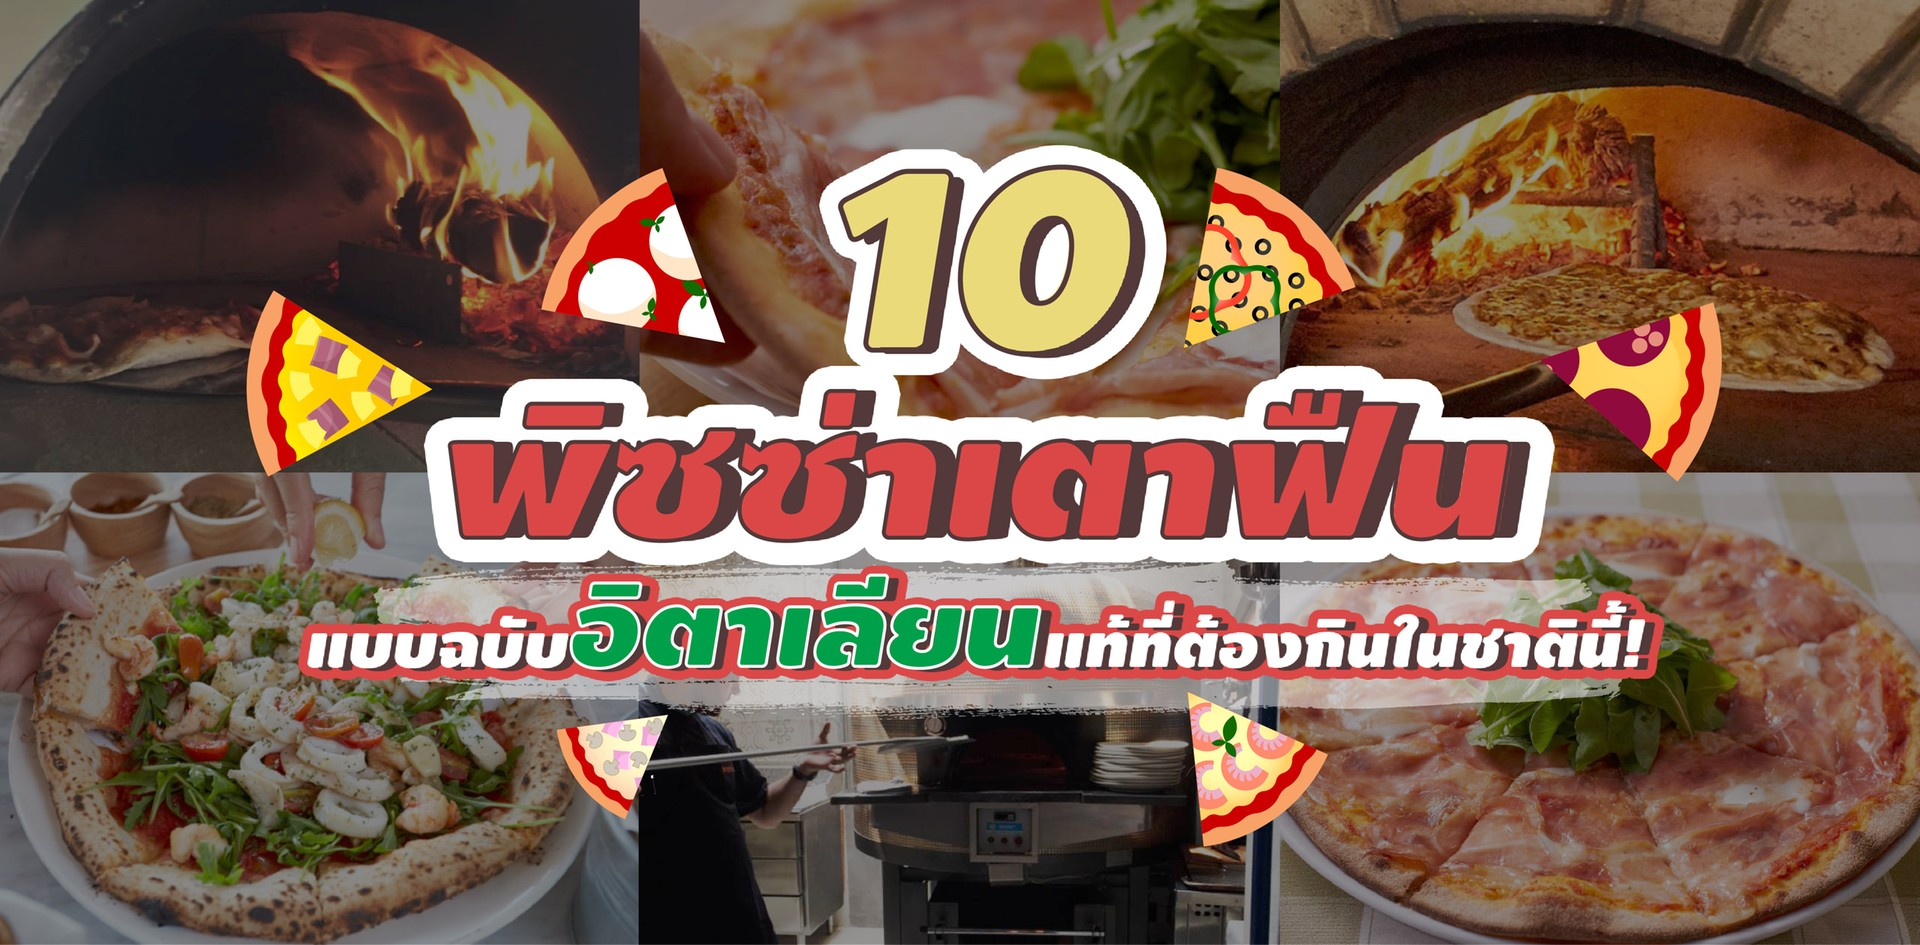 10 พิซซ่าเตาฟืน แบบฉบับอิตาเลียนแท้ที่ต้องกินในชาตินี้